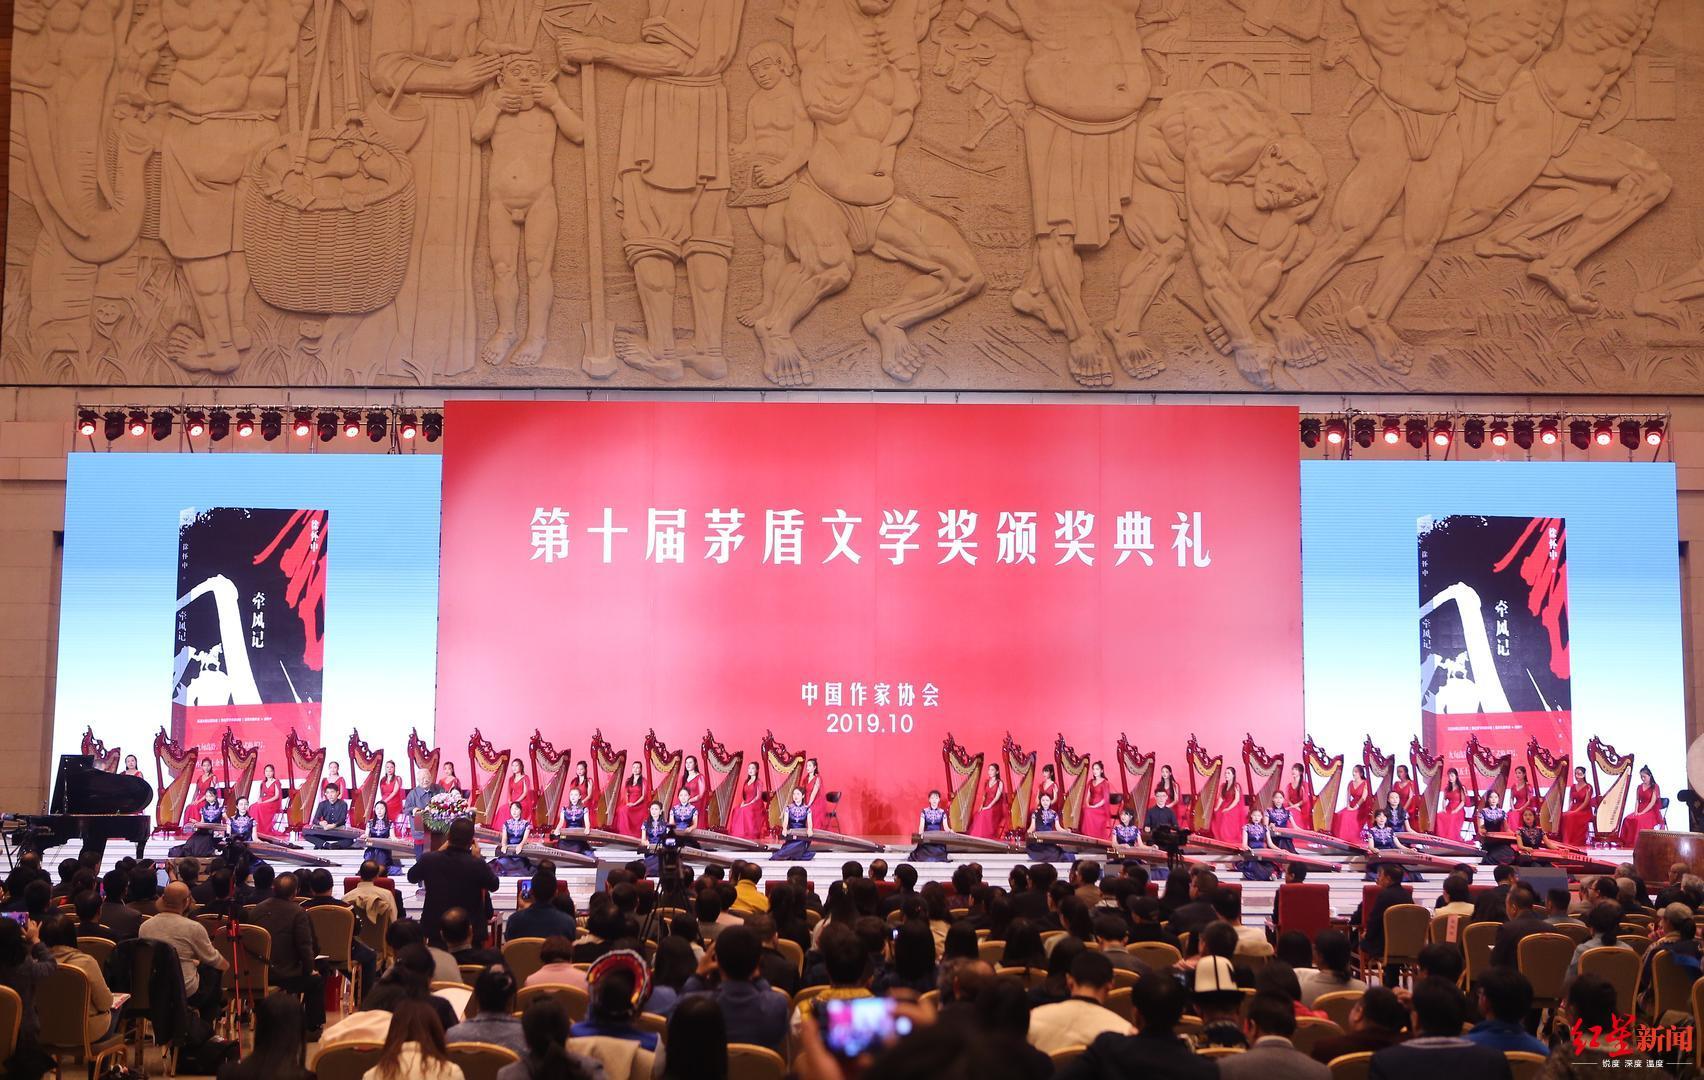 文化盛典!第十届茅盾文学奖颁奖 中国众多知名作家齐聚一堂